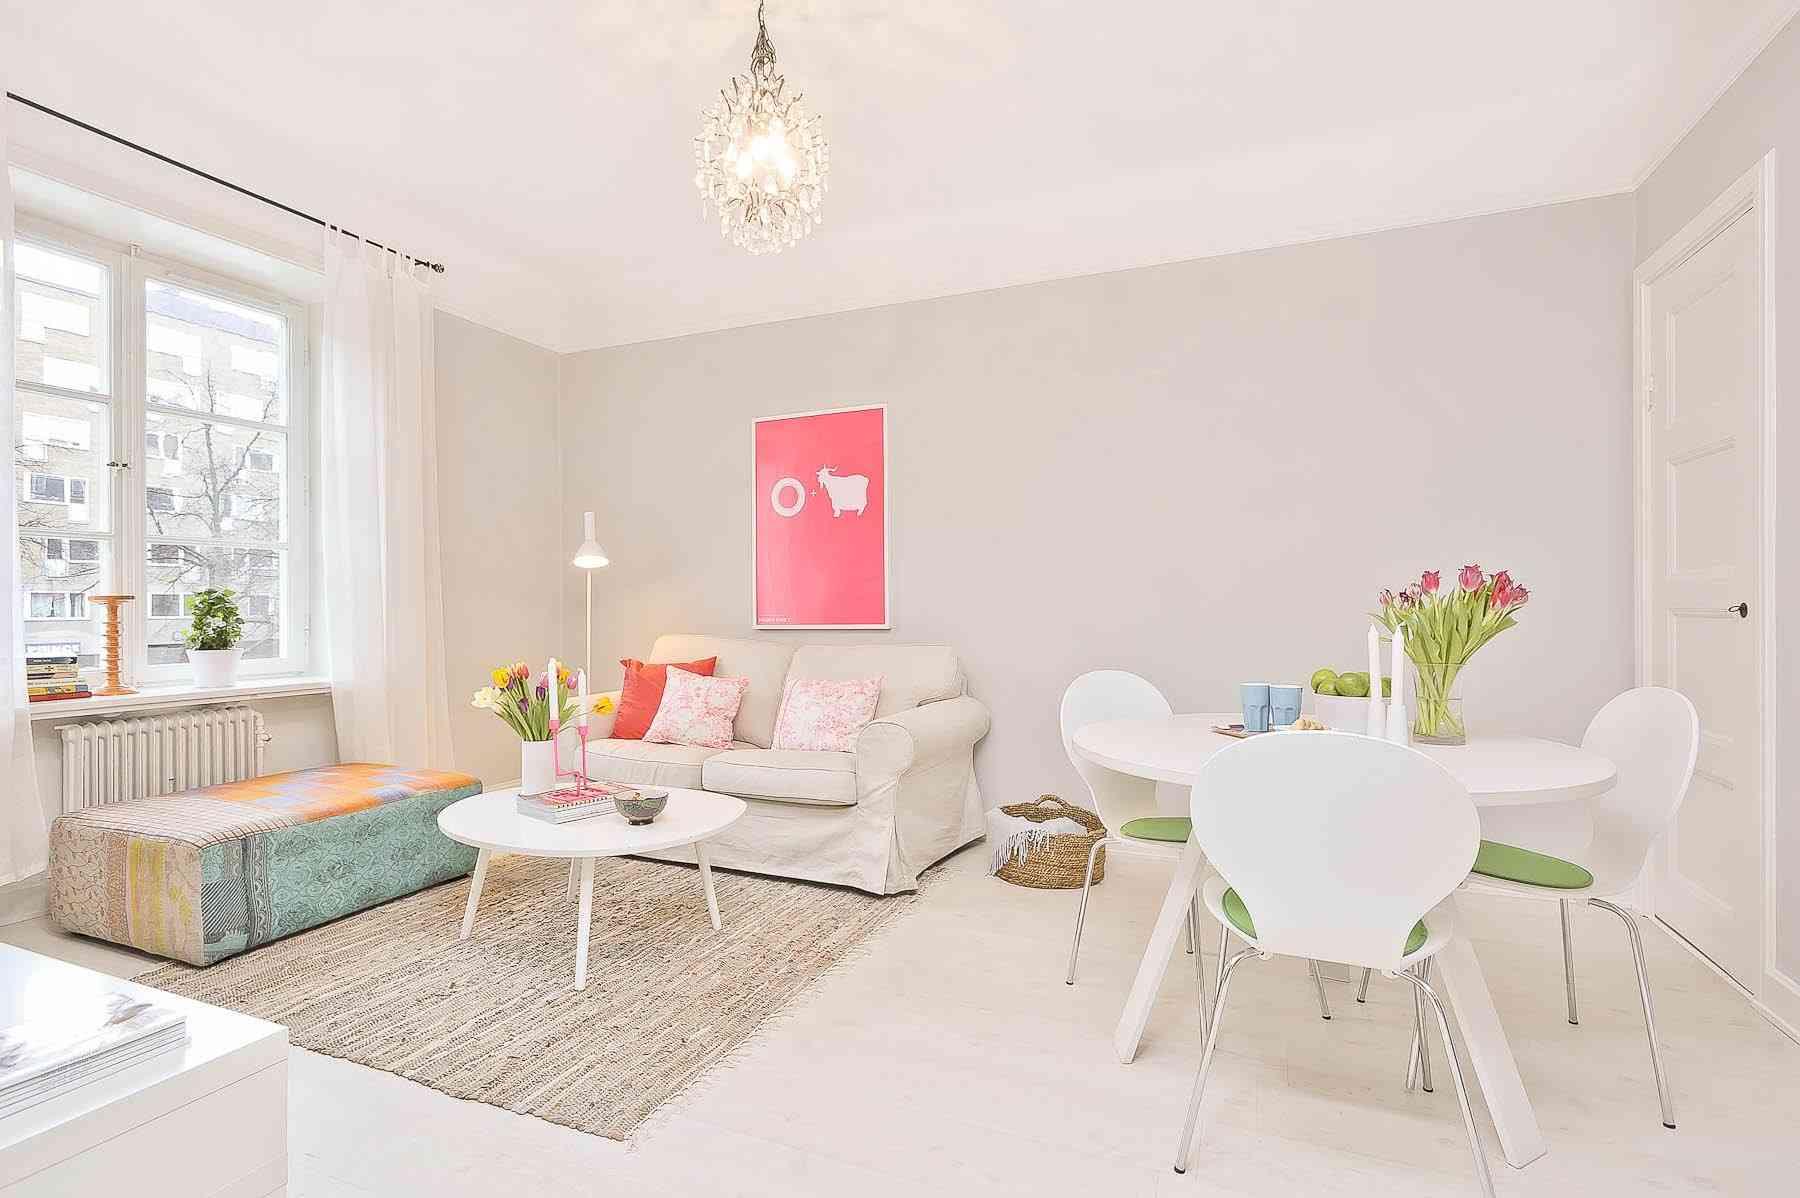 Colores relajantes para la pared decoraci n de - Colores relajantes para salones ...